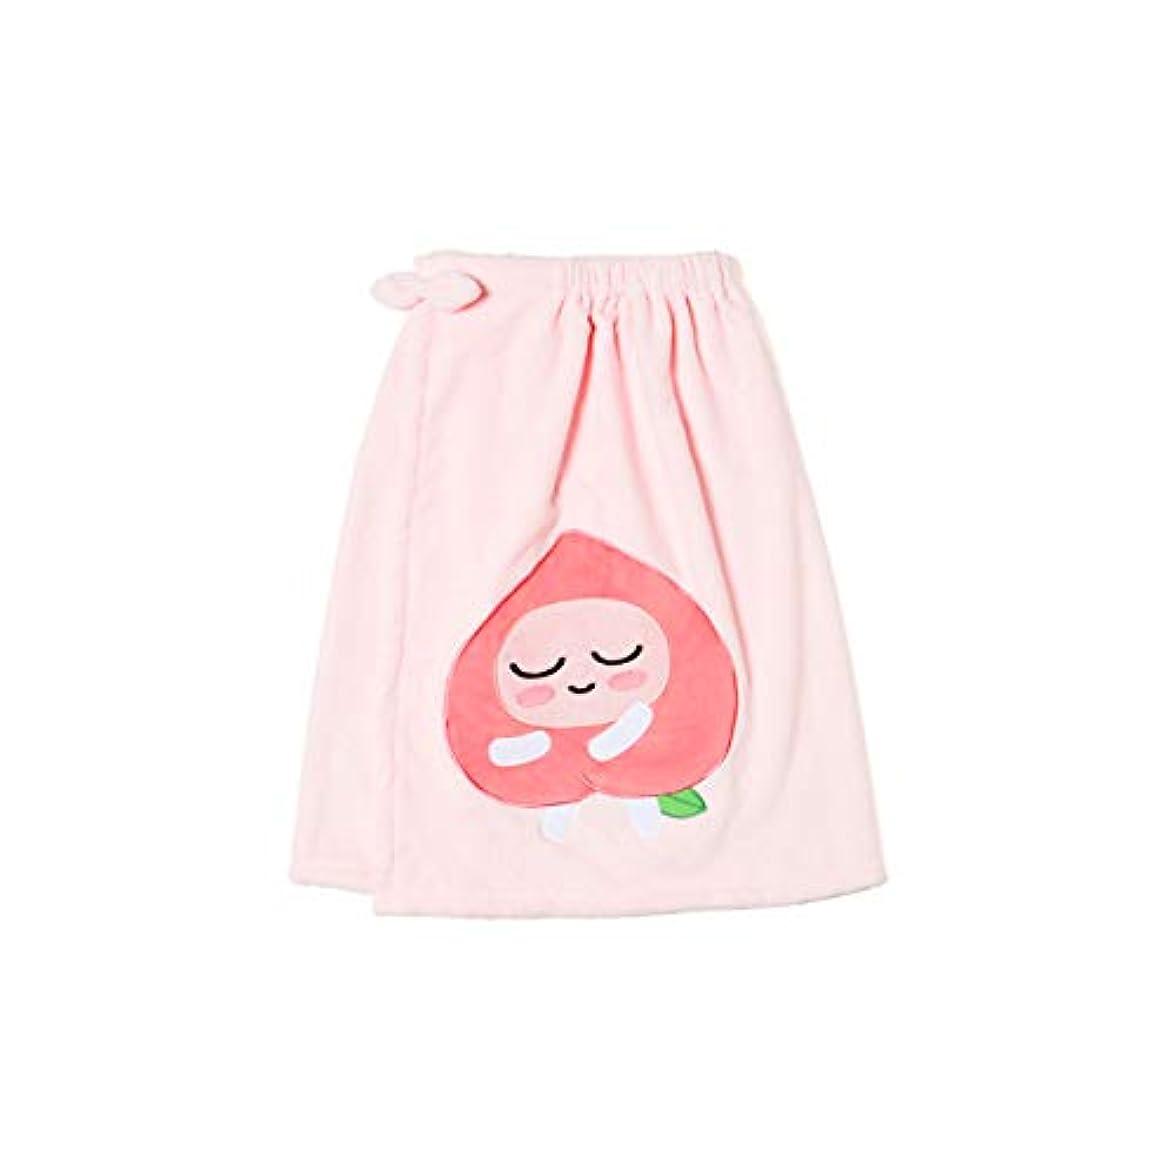 傷跡バット政府[オフィシャル] カカオフレンズ – スイートアピーチ バスドレスガウンピンク KAKAO FRIENDS - Sweet Apeach Bath Dress Pink